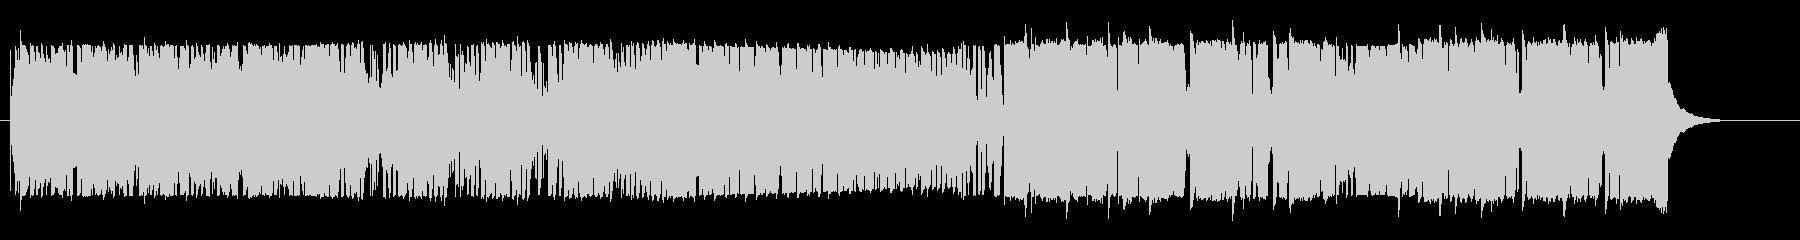 激しい曲調の変則ビートの未再生の波形